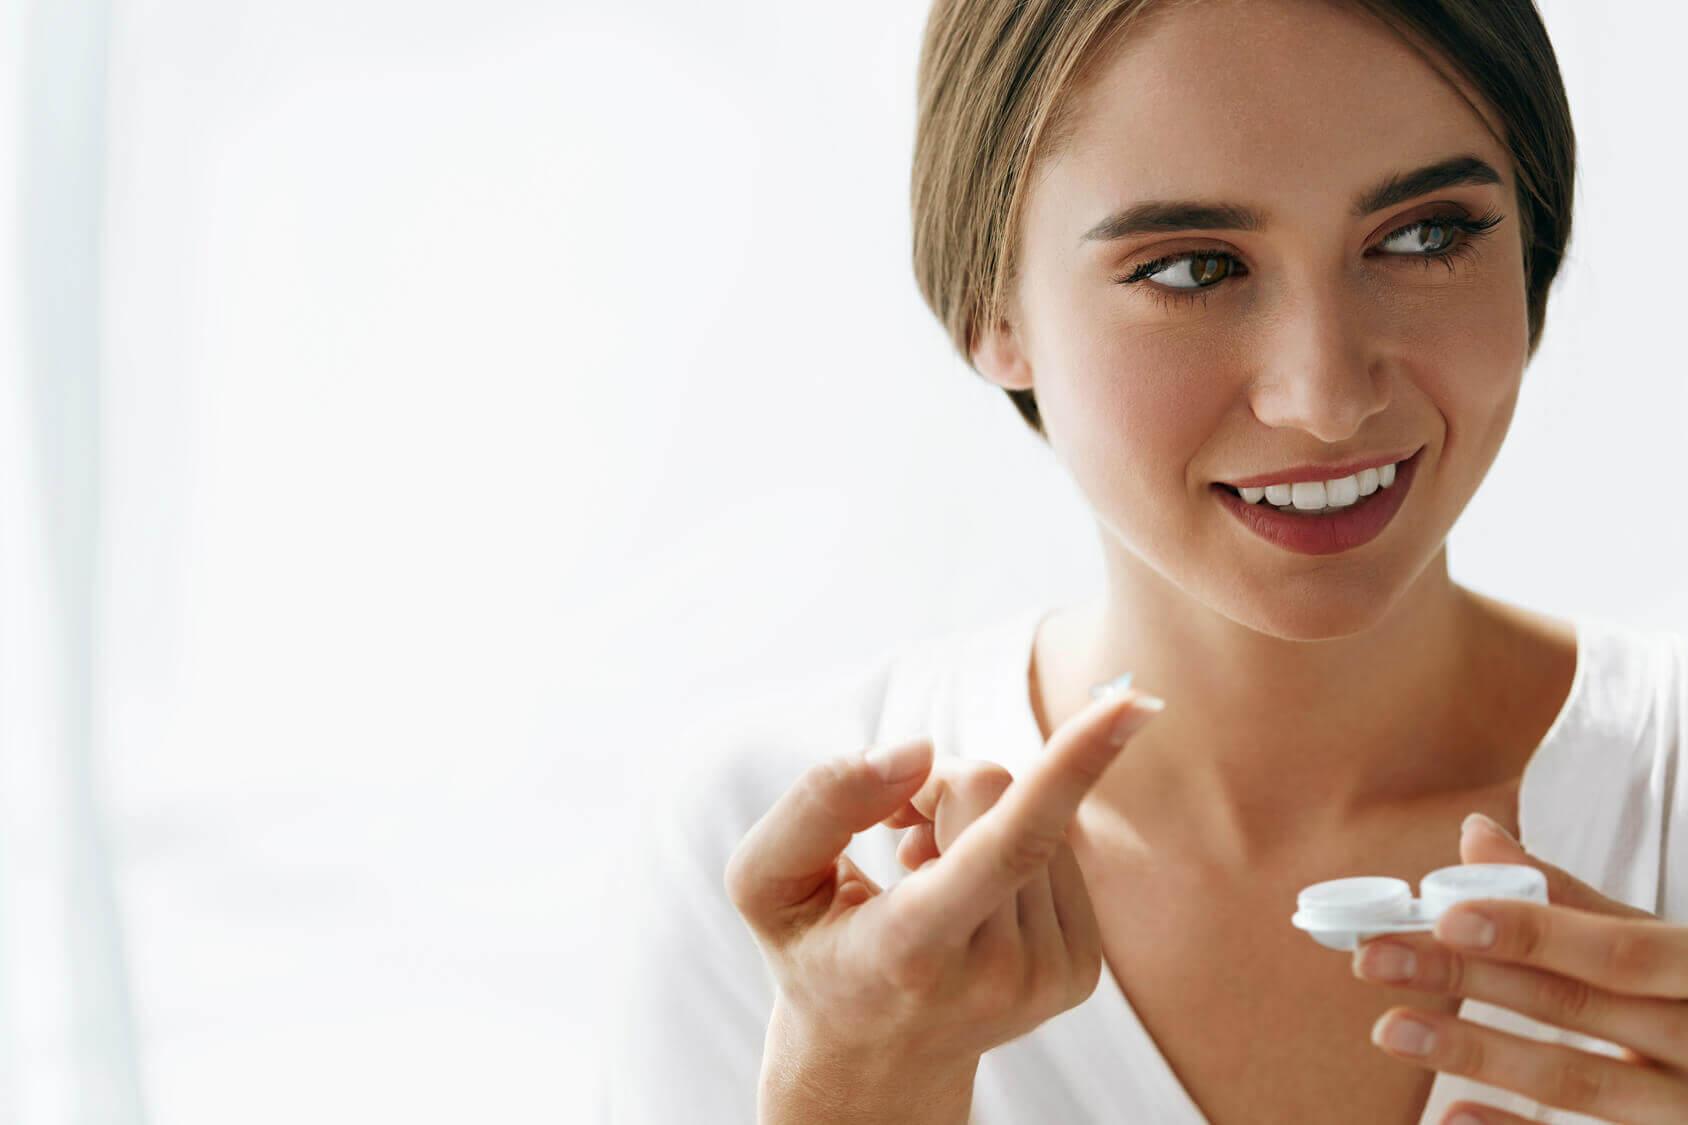 Frau hält Kontaktlinse.